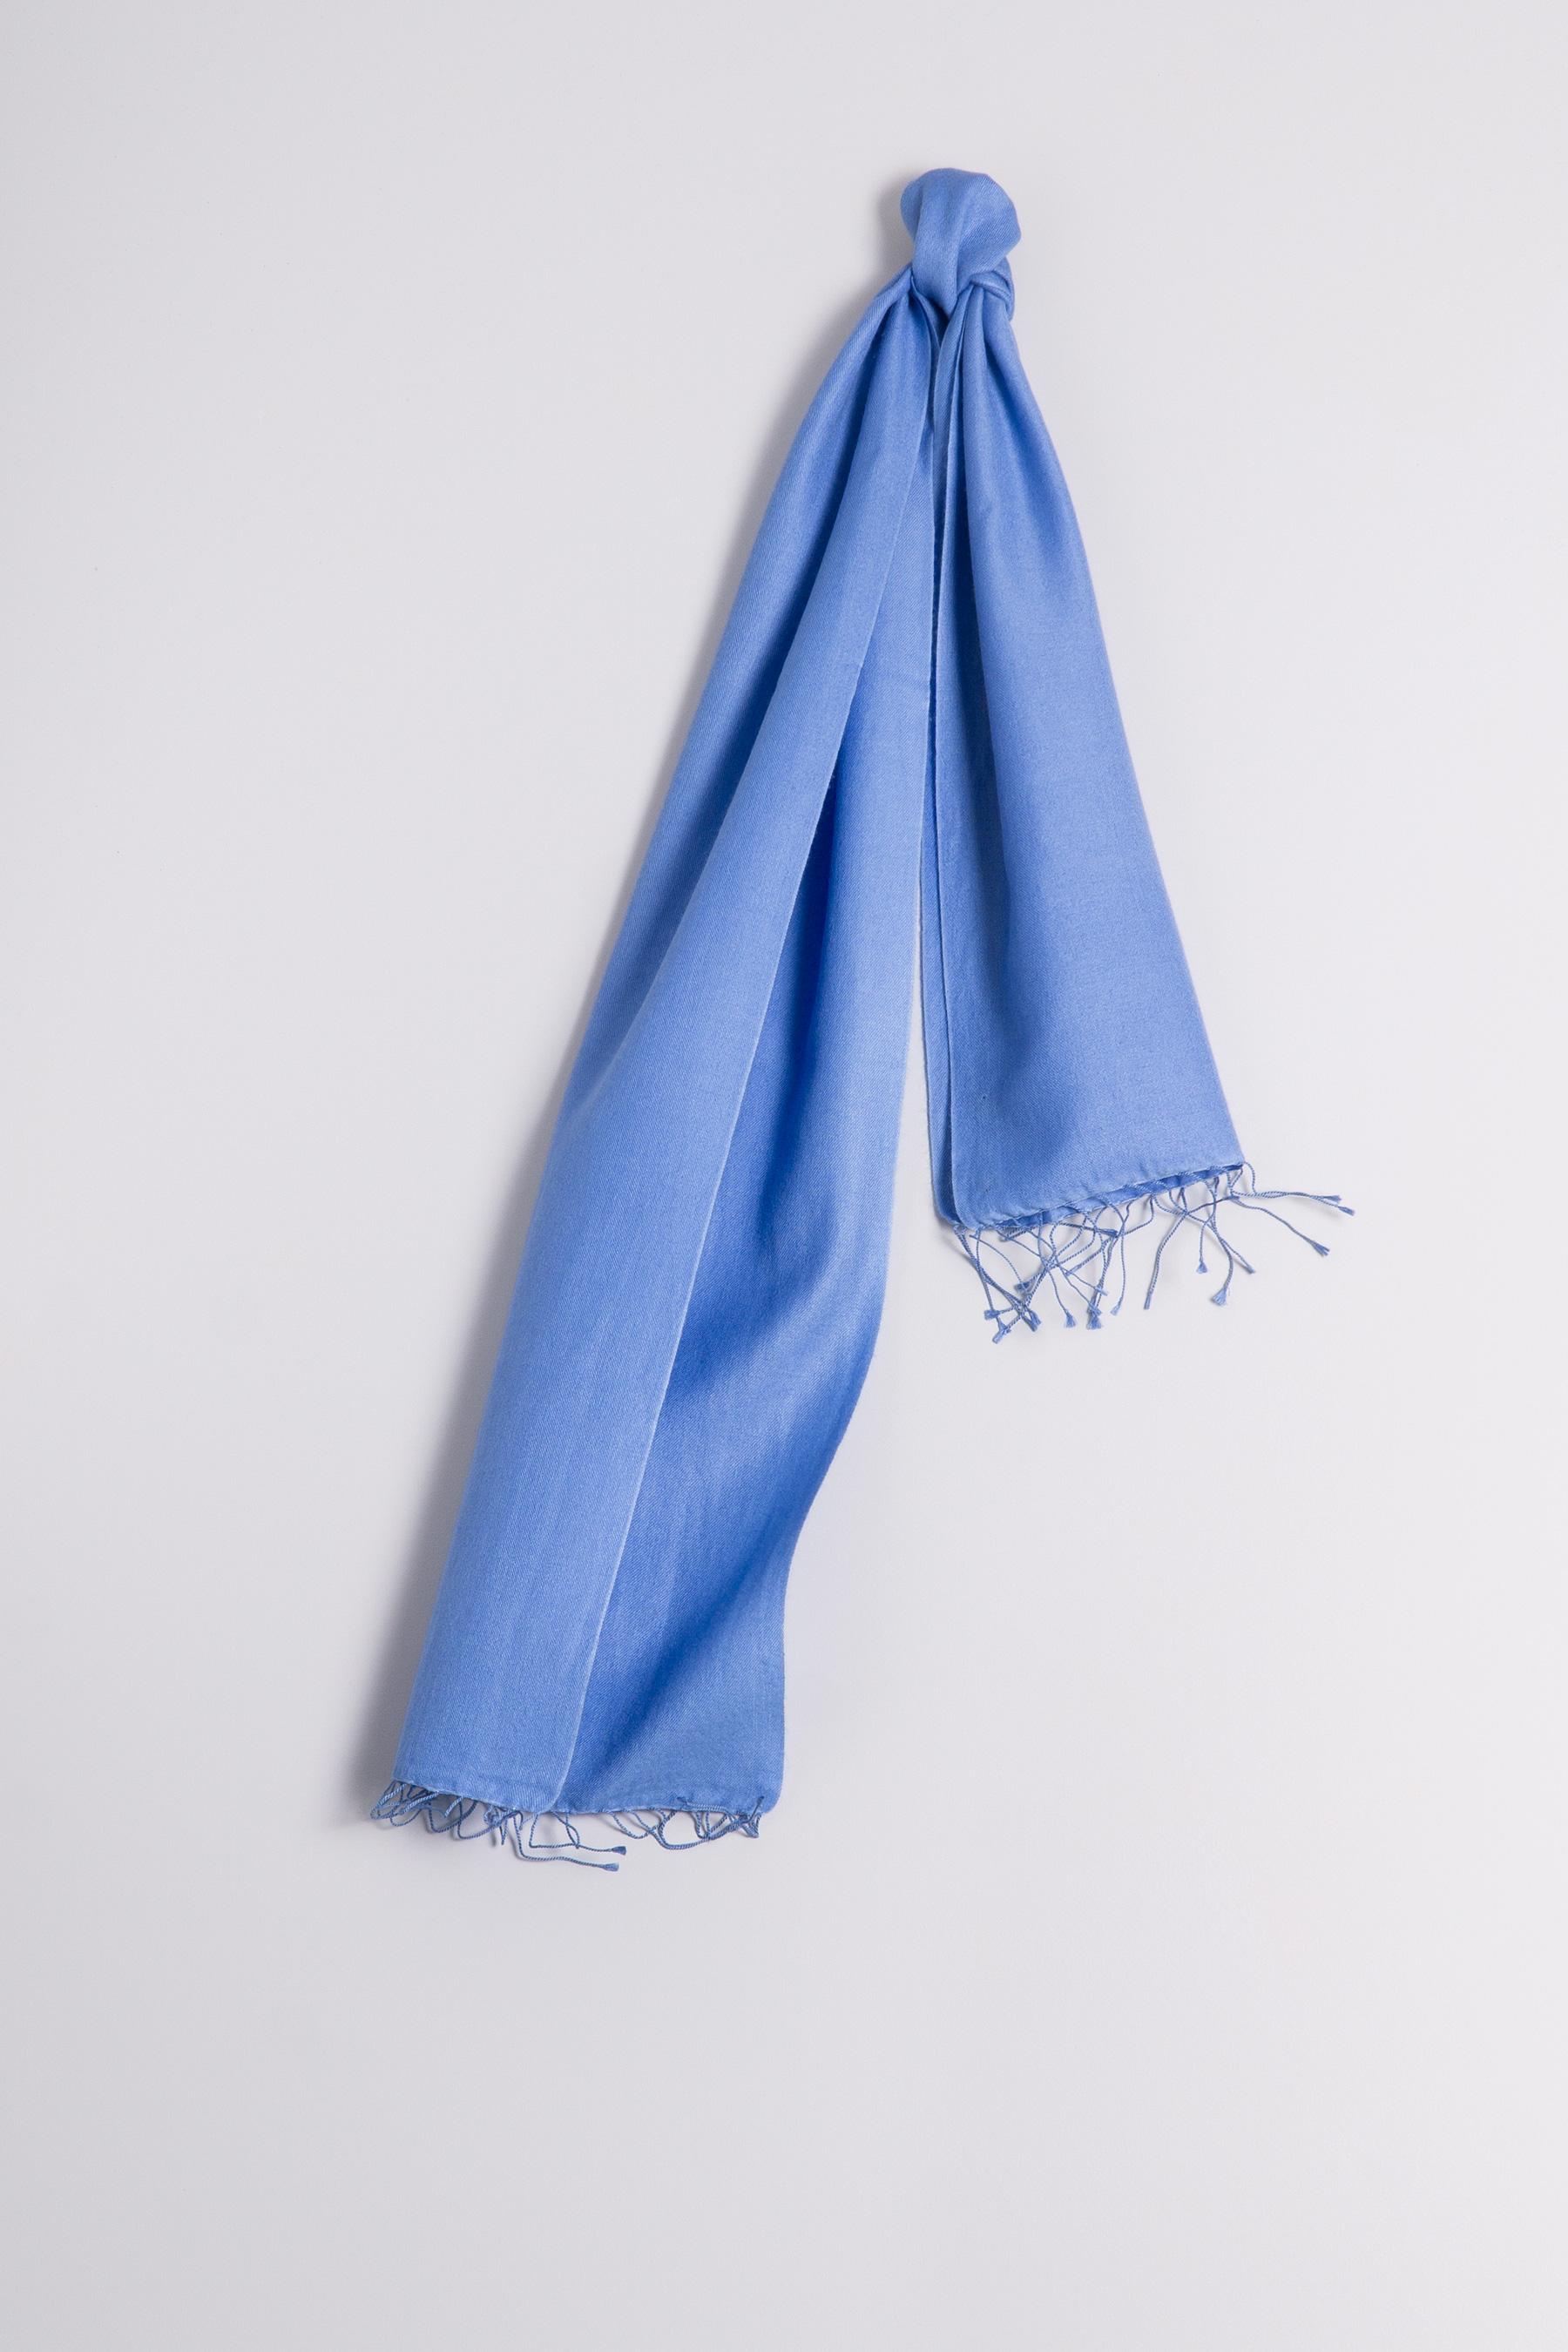 bc28b0e077605d Pashmina 30x150cm sky blue | Pashmina 70% Cashmere Shawl | Pashmina |  Pashmina.de